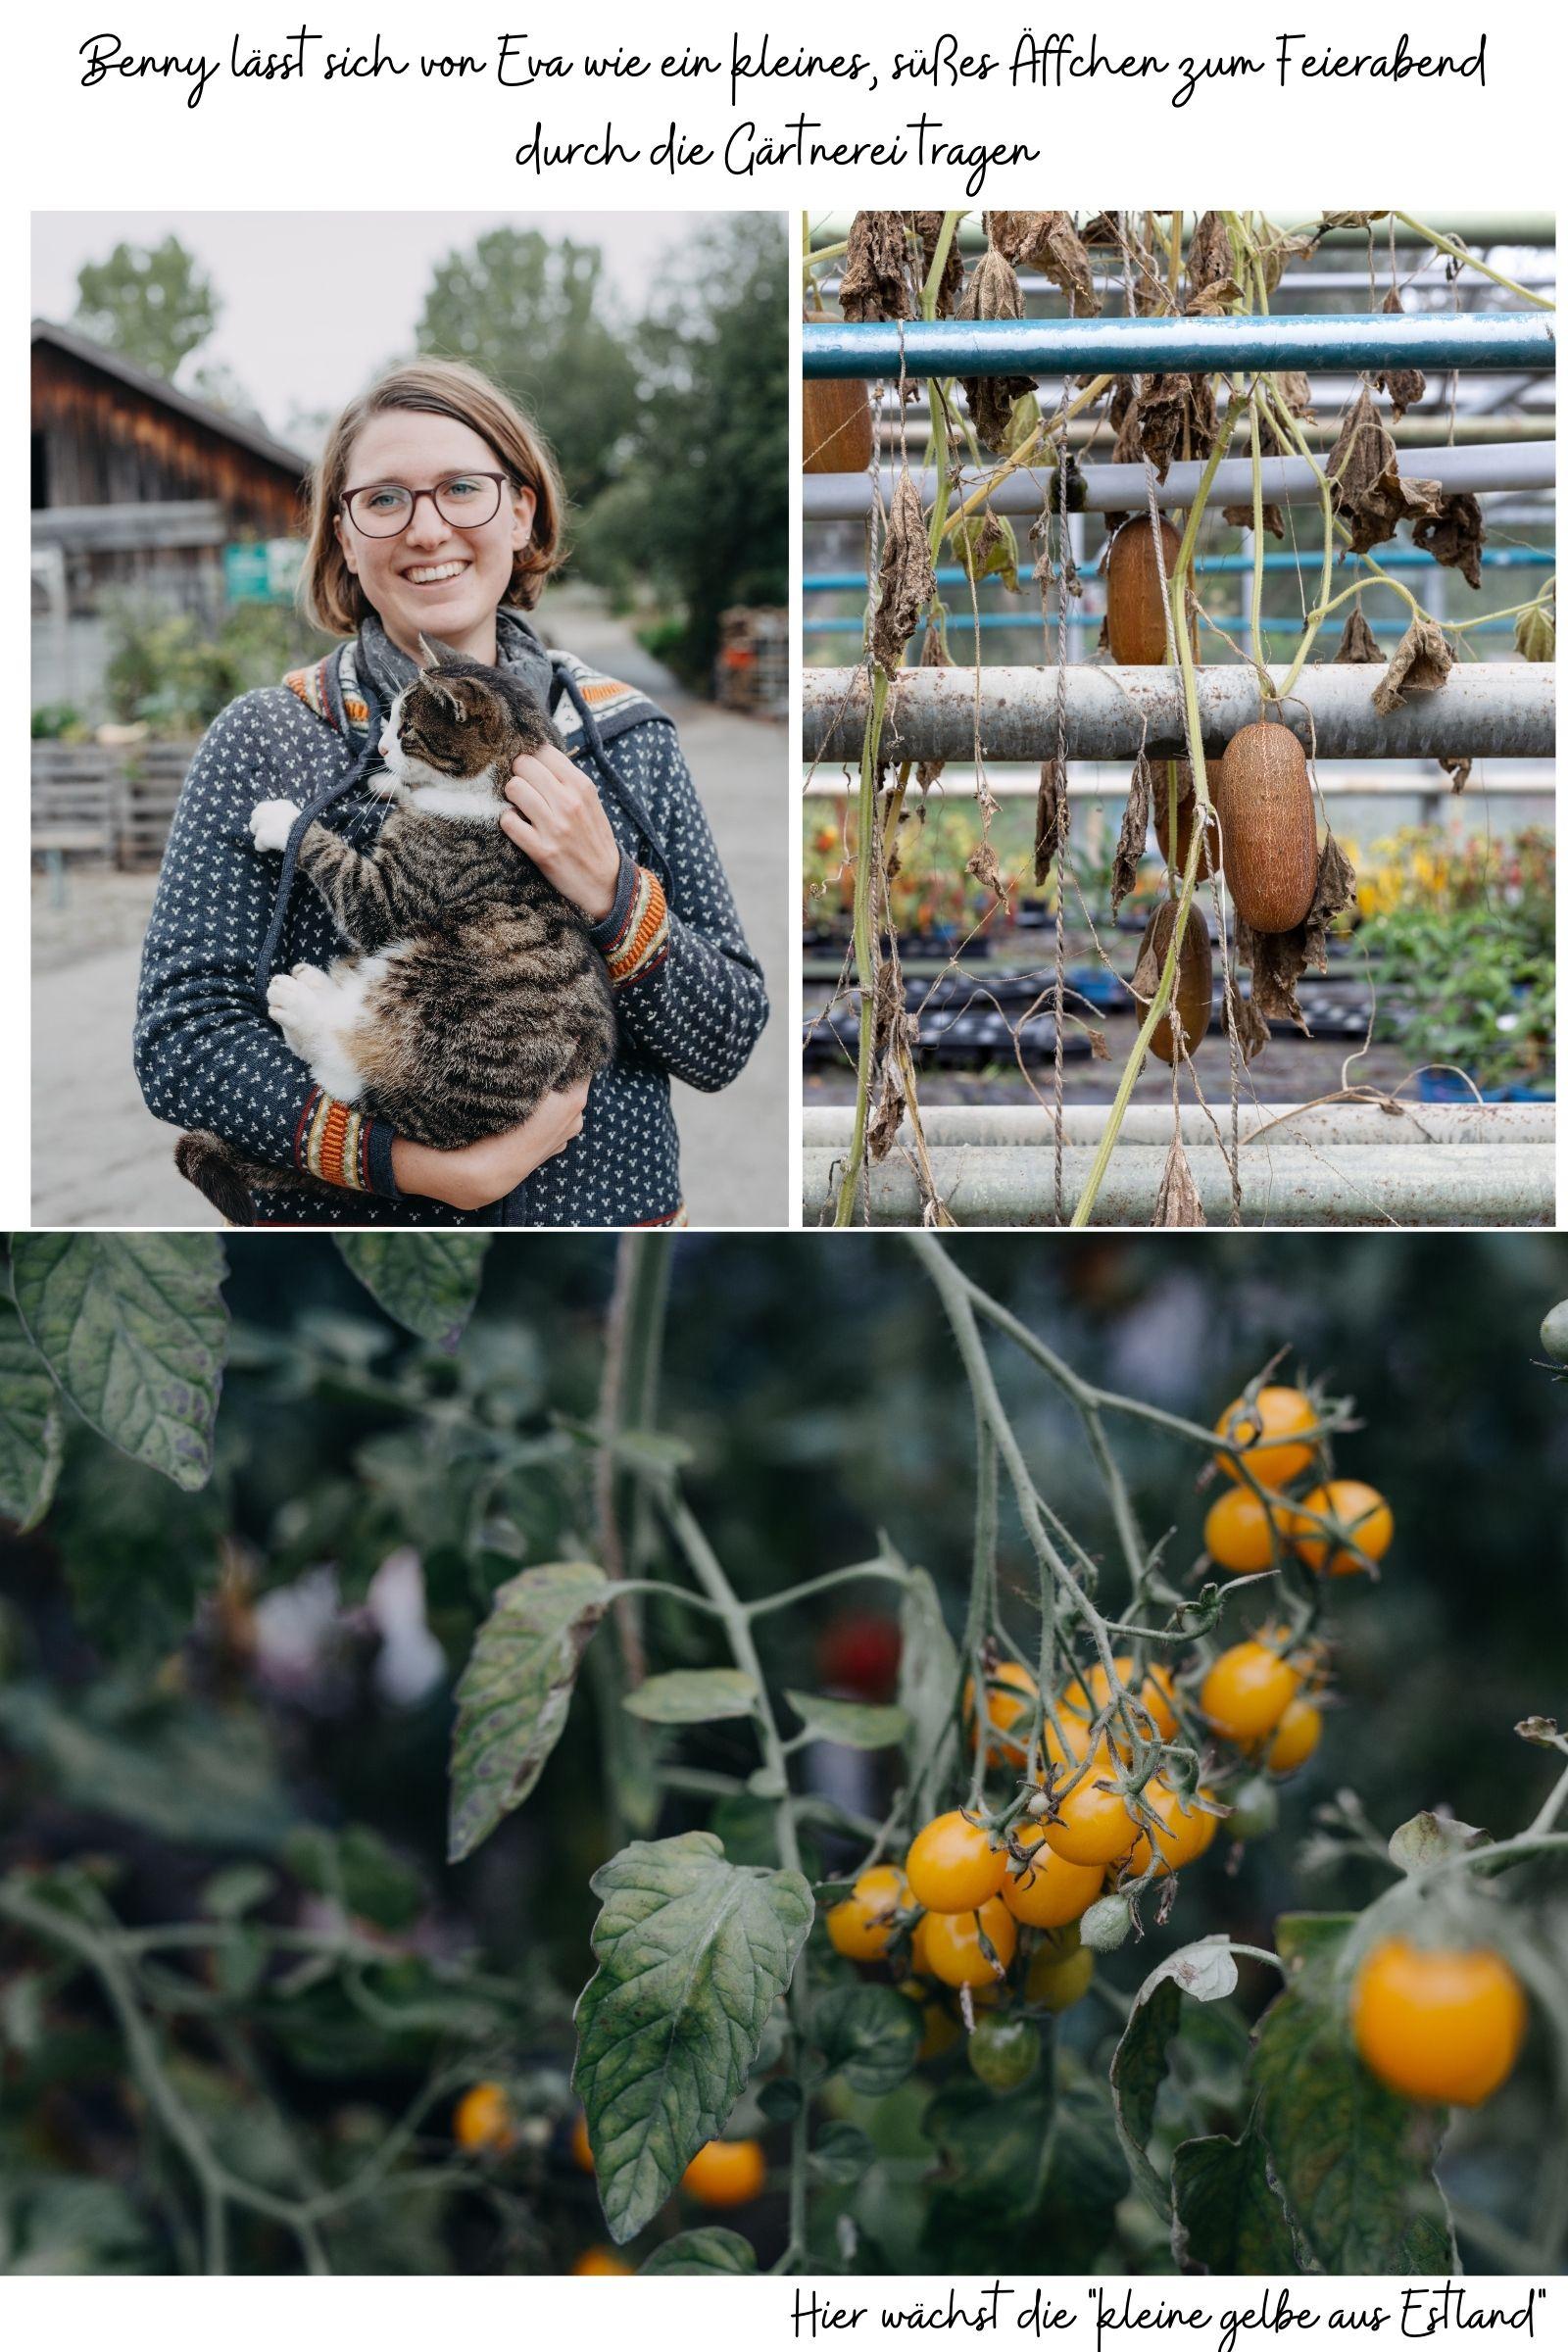 Mit der Natur leben und nicht gegen sie - mein Besuch in der Bio Gärtnerei Herb in Kempten | Gesunde vegane Rezepte, Fermentation, Nachhaltigkeit - Syl Gervais